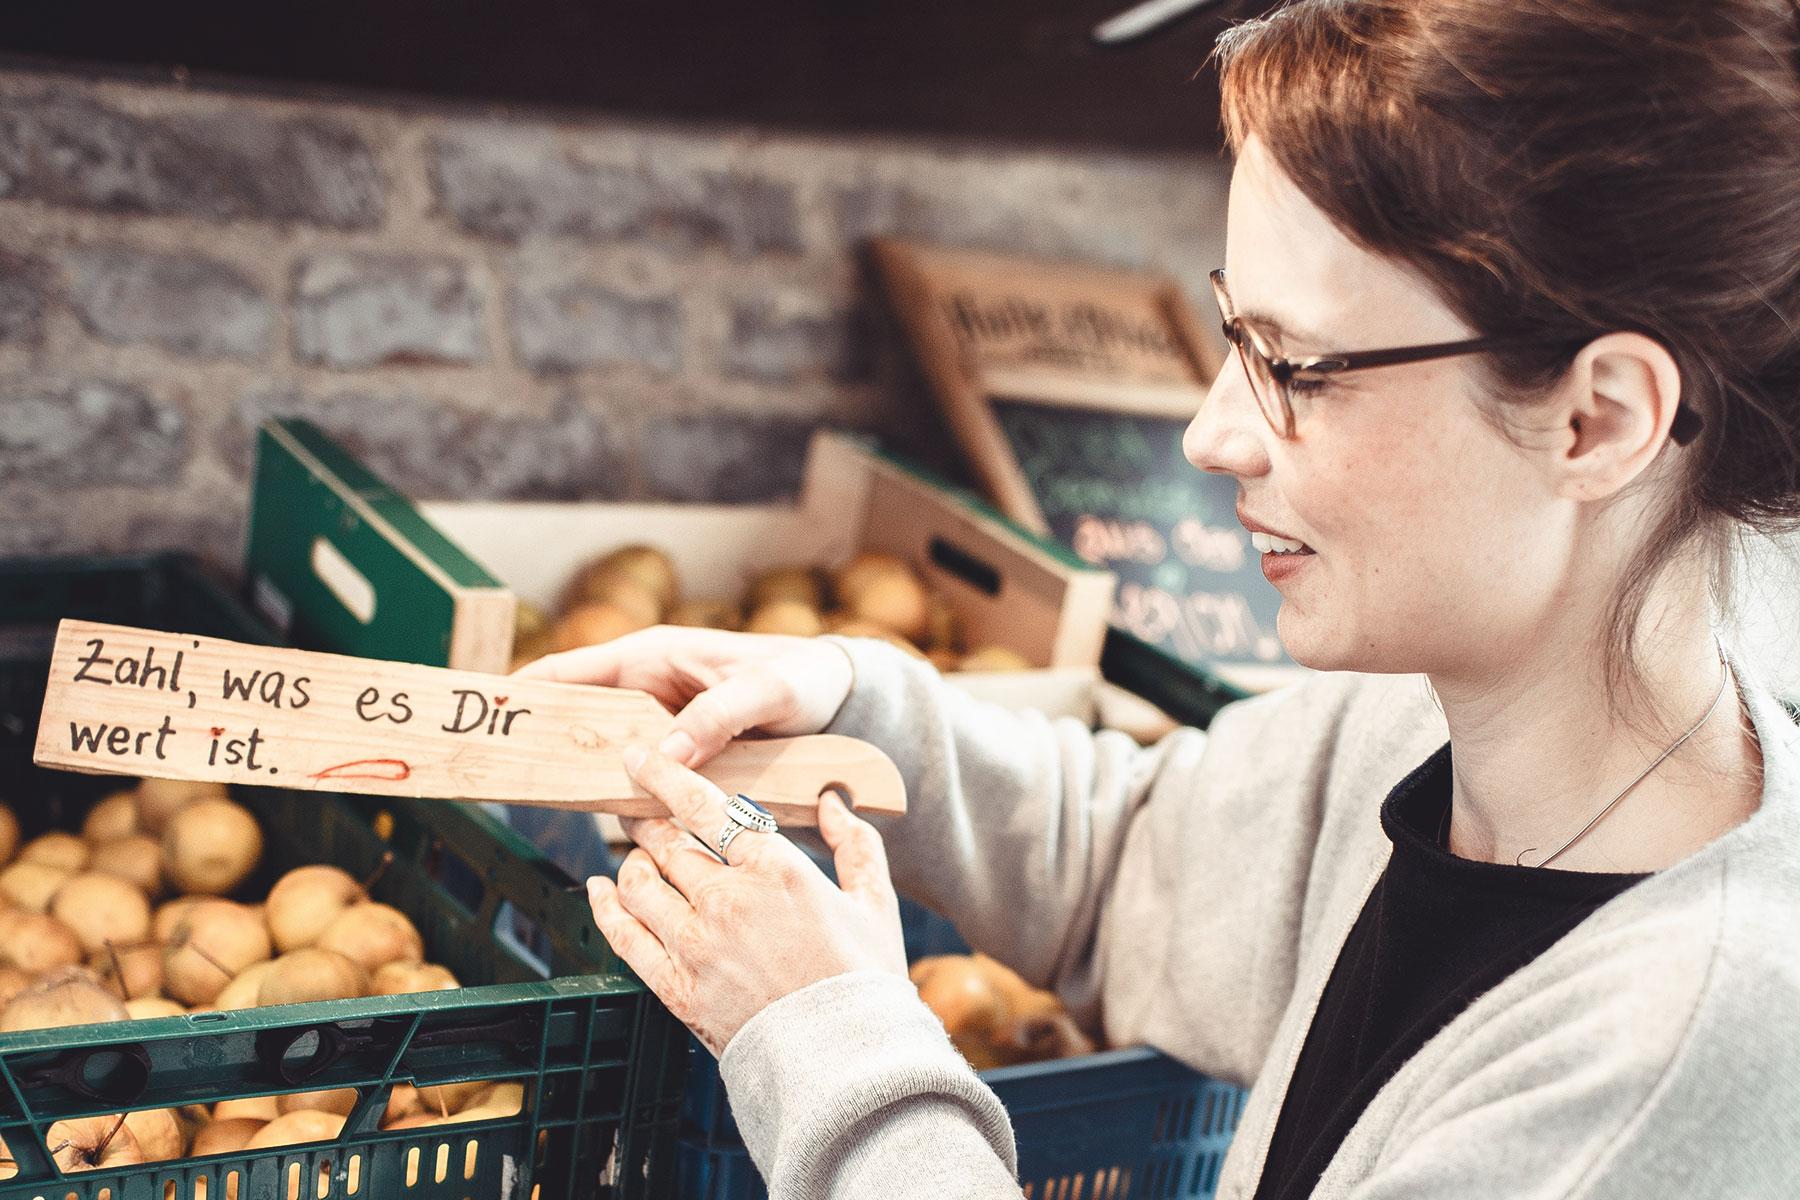 Geheimtipp Tipp Koeln Essen Laden Supermarkt Biomarkt Wochenende – ©The Good Food